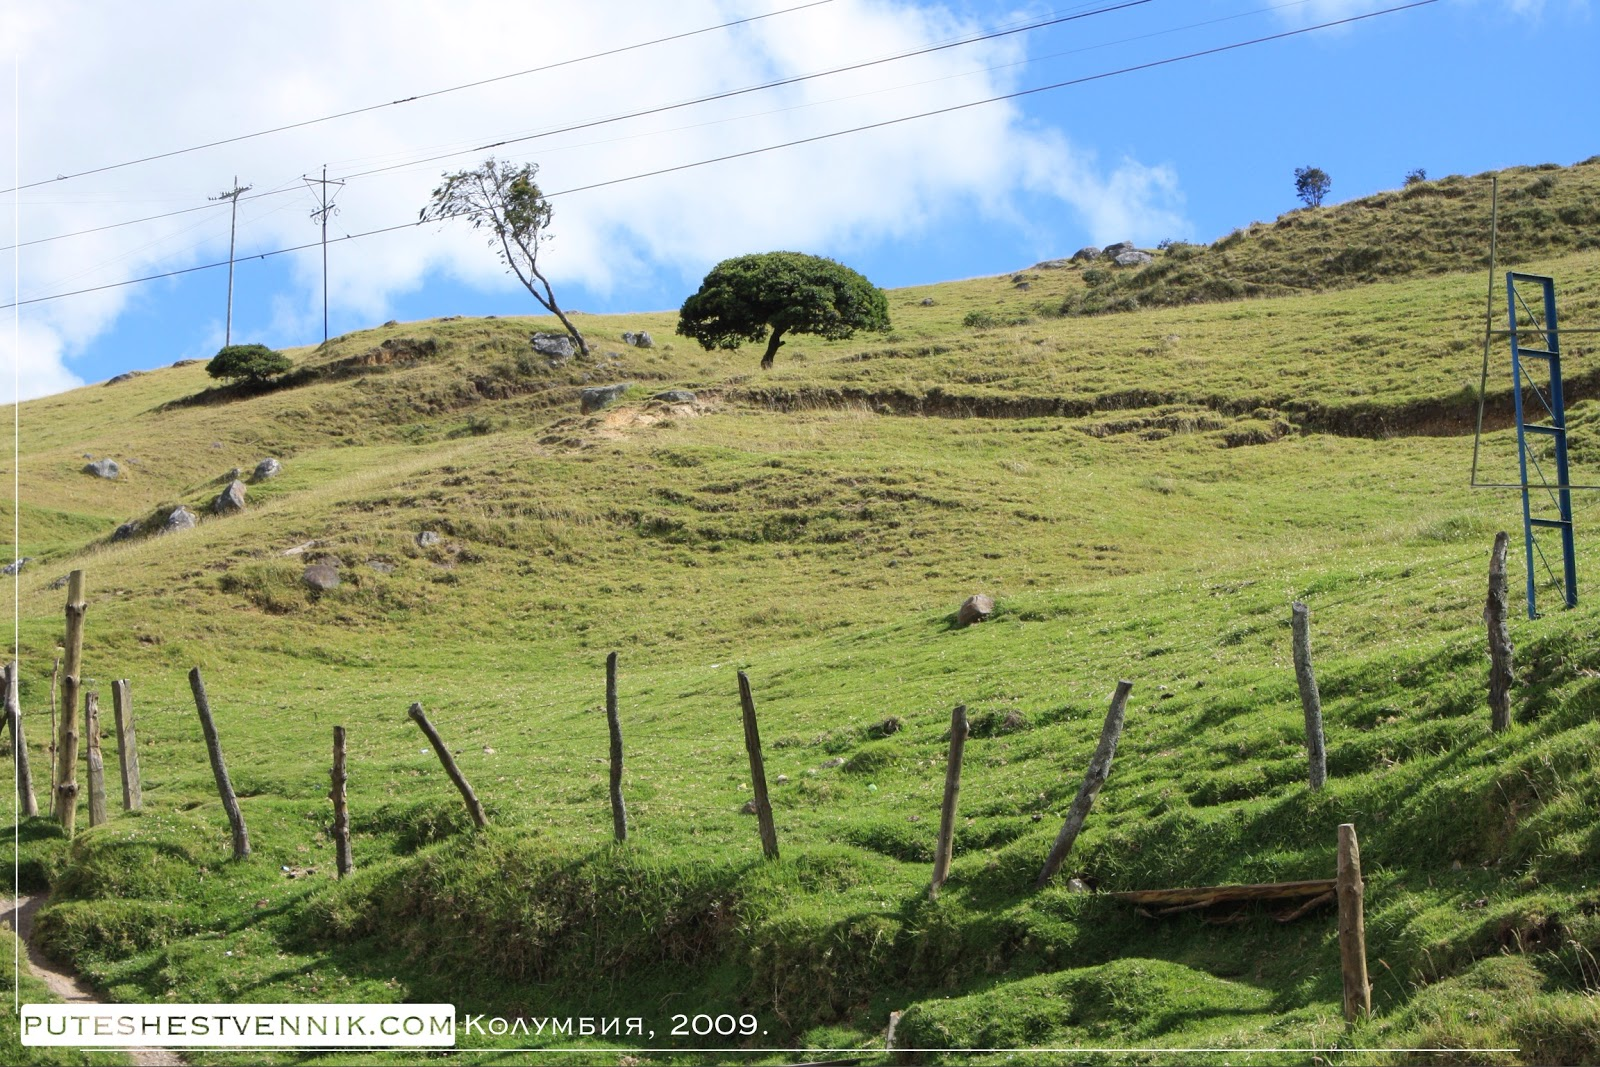 Склон горы и забор в Колумбии